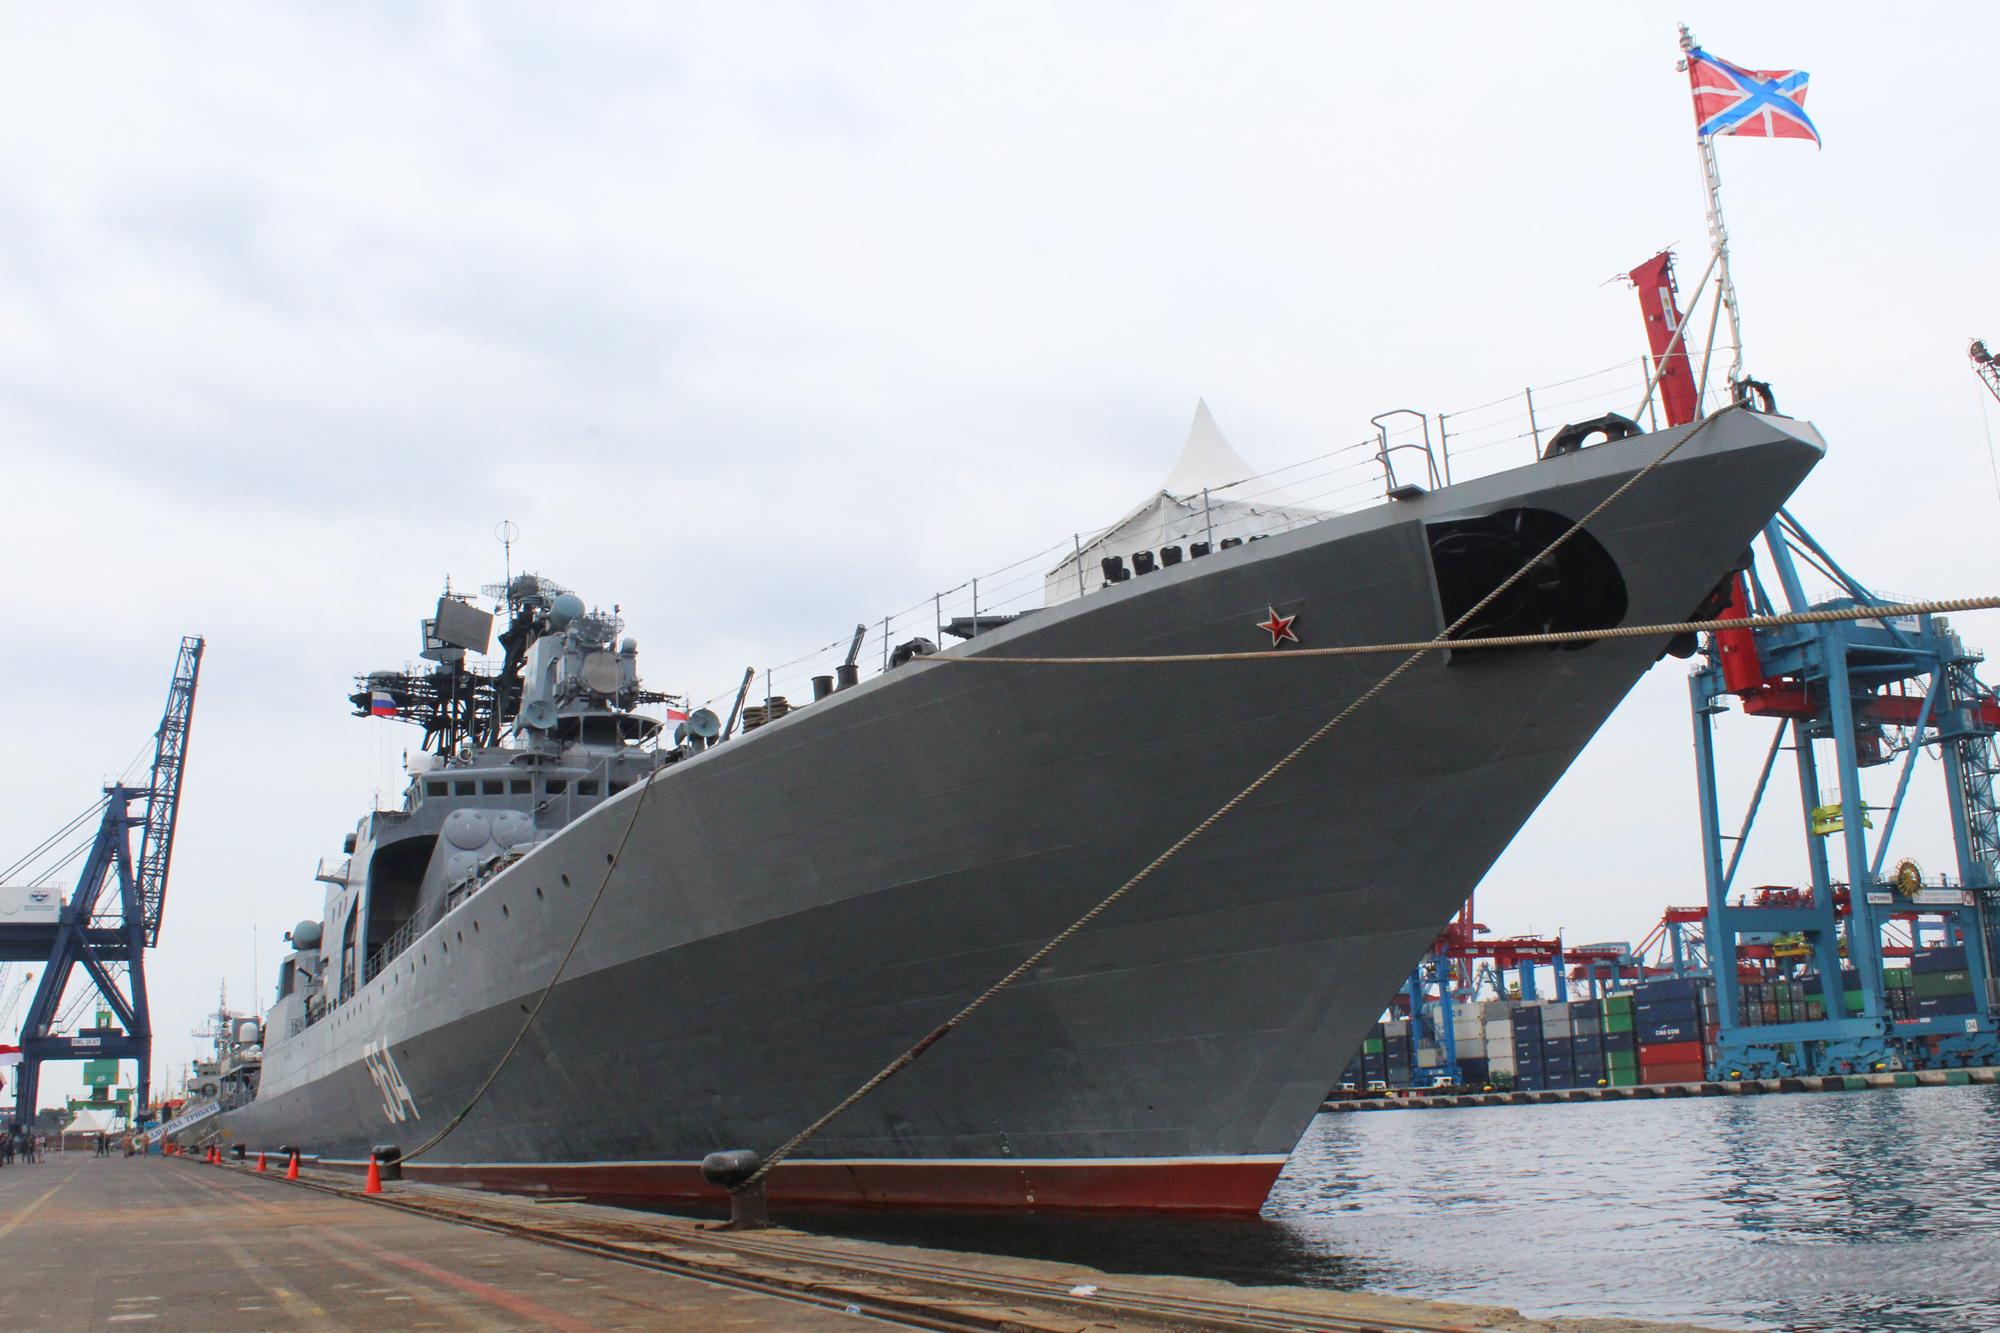 Kapal Admiral Tributs dari Armada Pasifik Rusia tiba di Dermaga Jakarta International Container Terminal (JICT) II Pelabuhan Tanjung Priok, Senin (31/10) dan akan berlabuh di Jakarta hingga Sabtu (5/11).